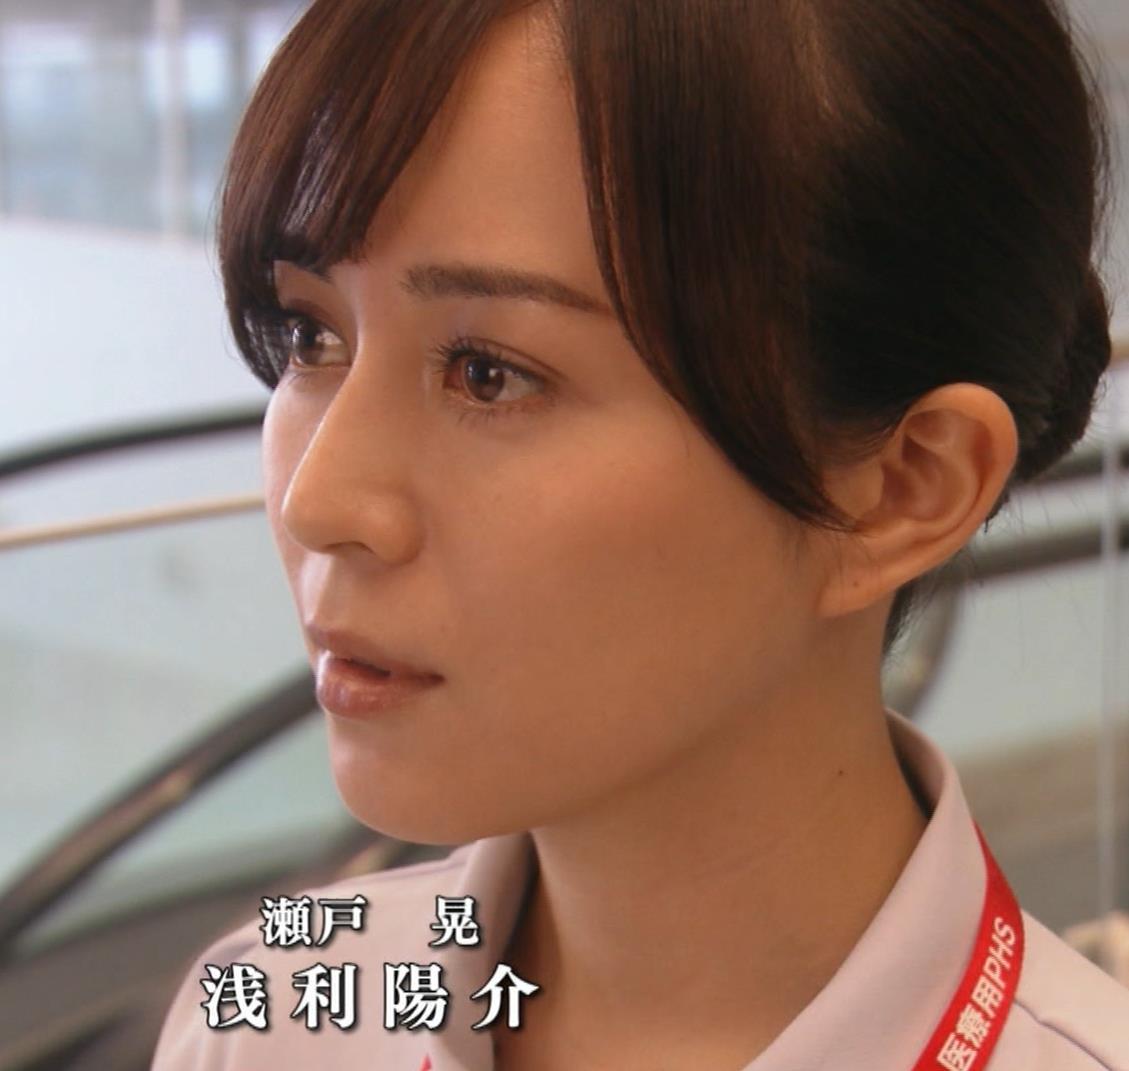 比嘉愛未 看護師役(ナース服) 「DOCTORS 最強の名医」キャプ・エロ画像18